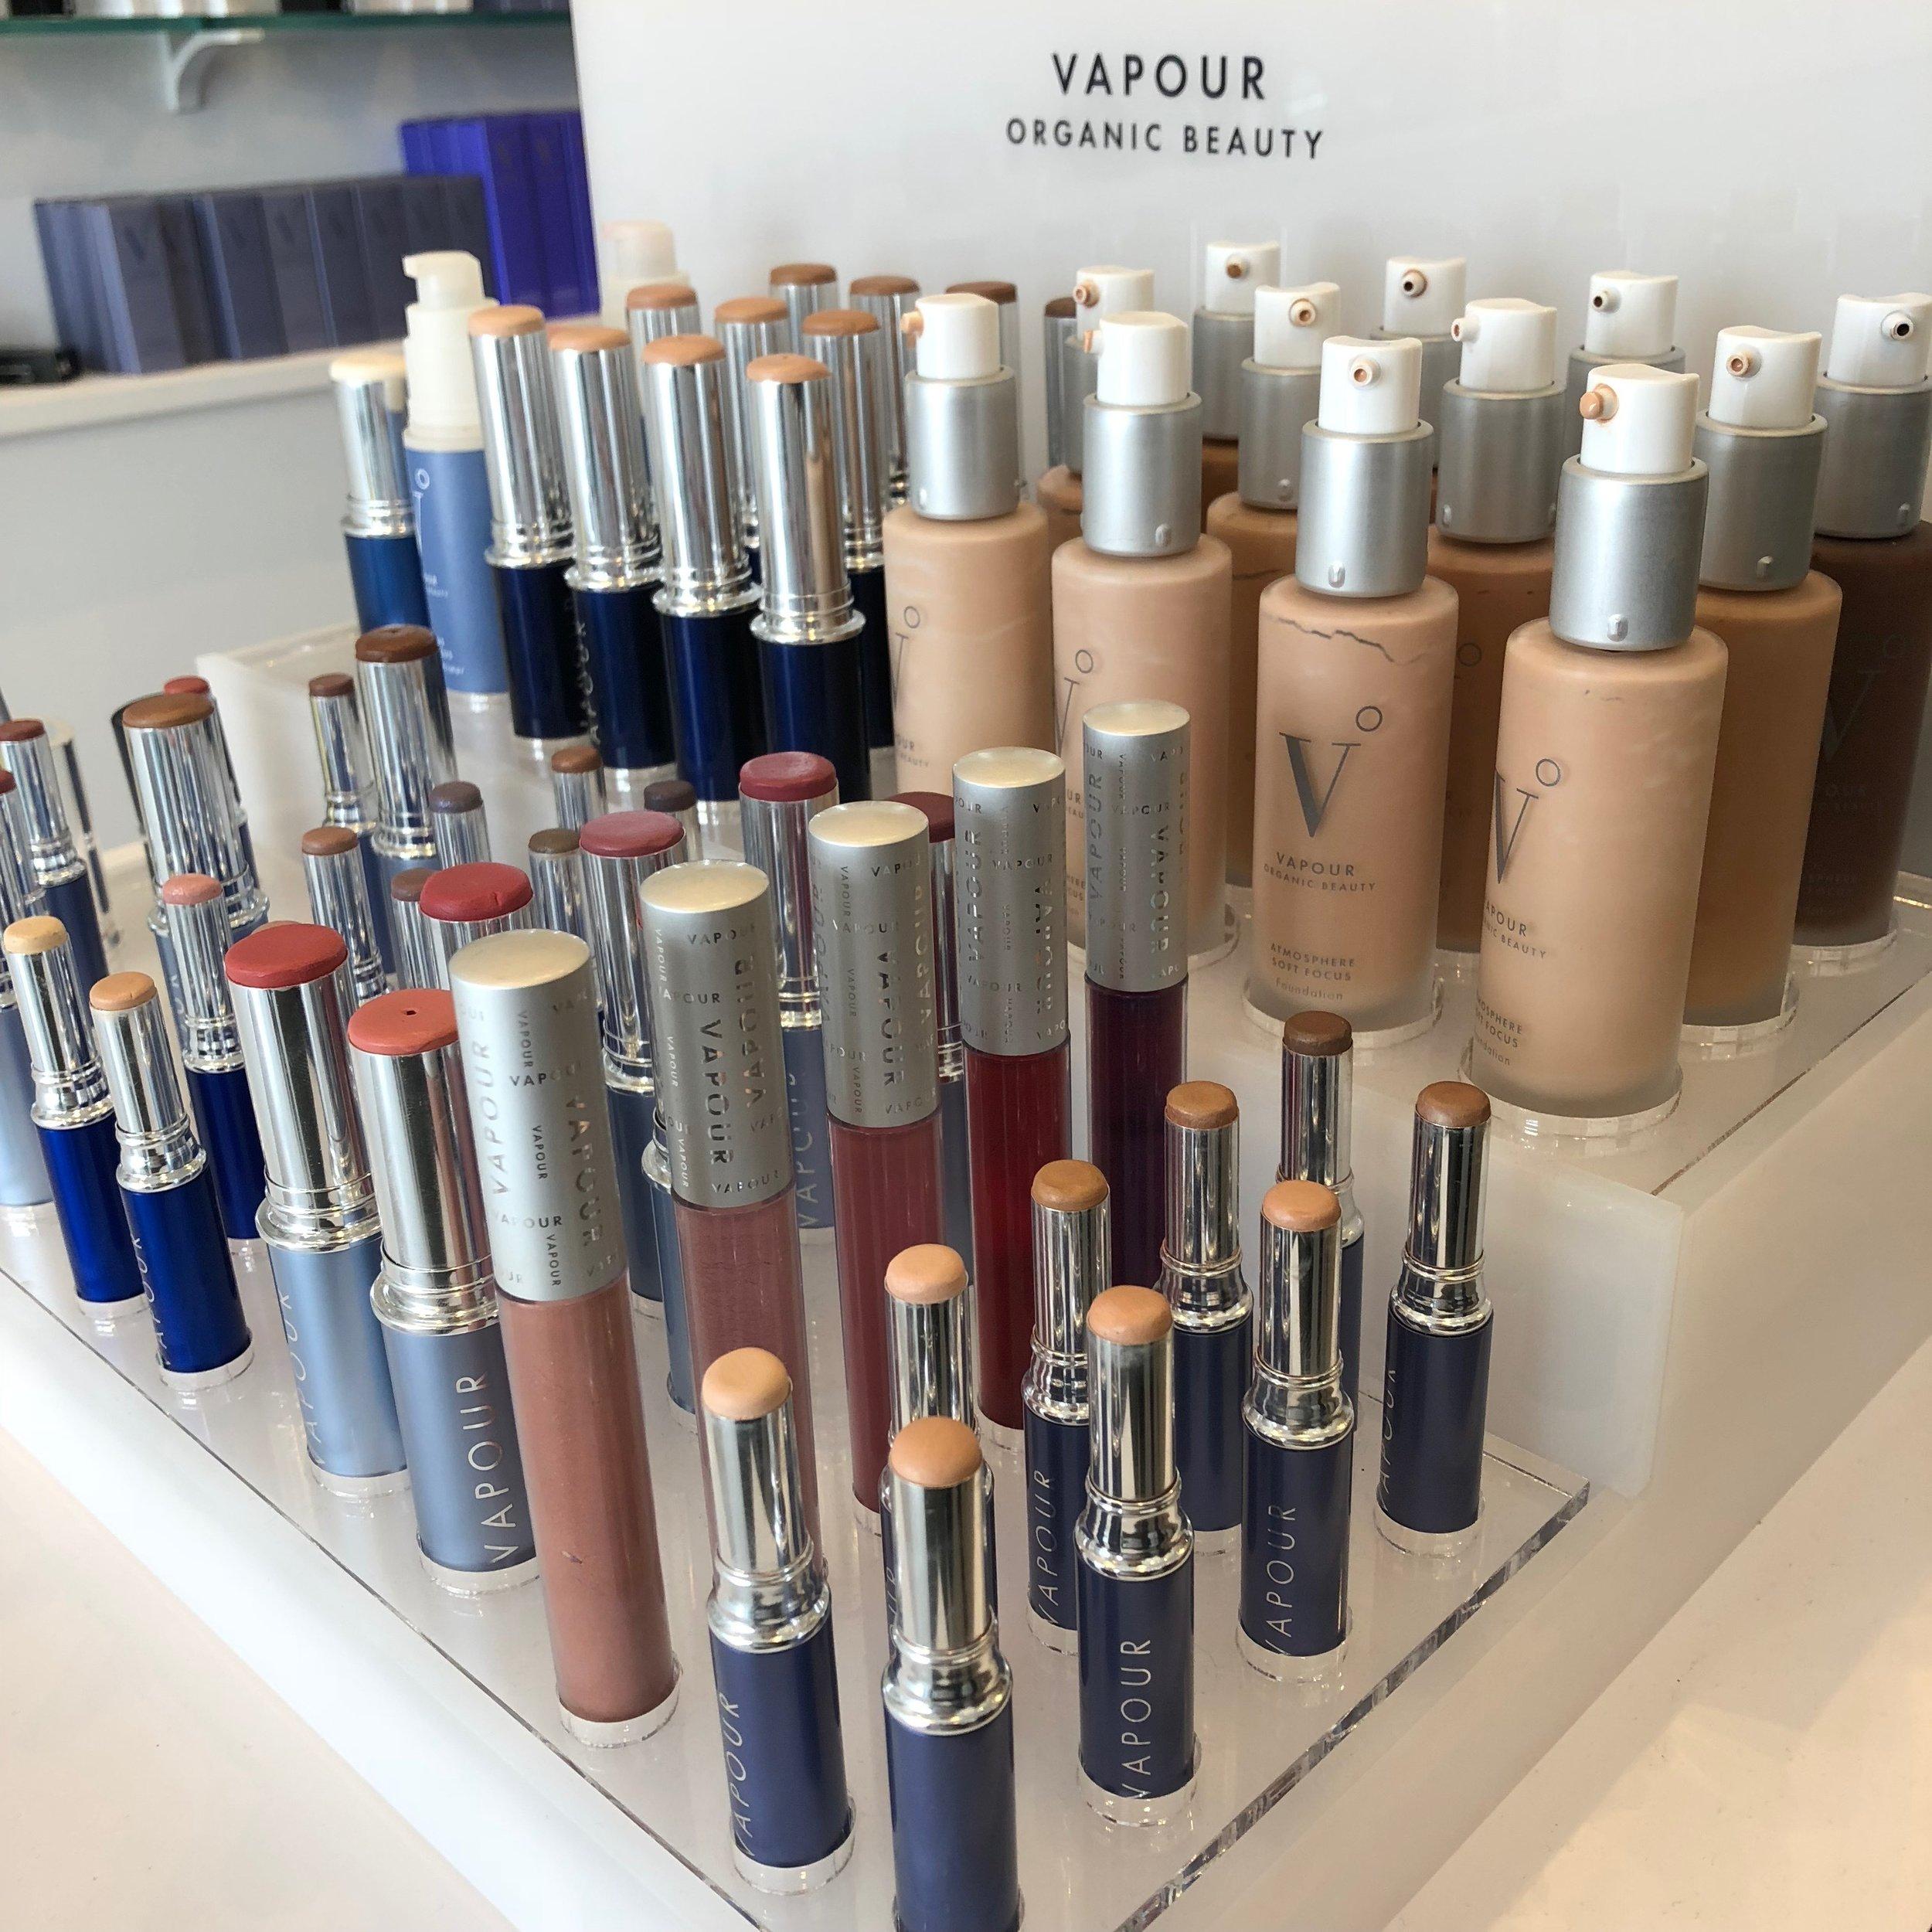 Vapour Beauty clean non-toxic beauty makeup brand